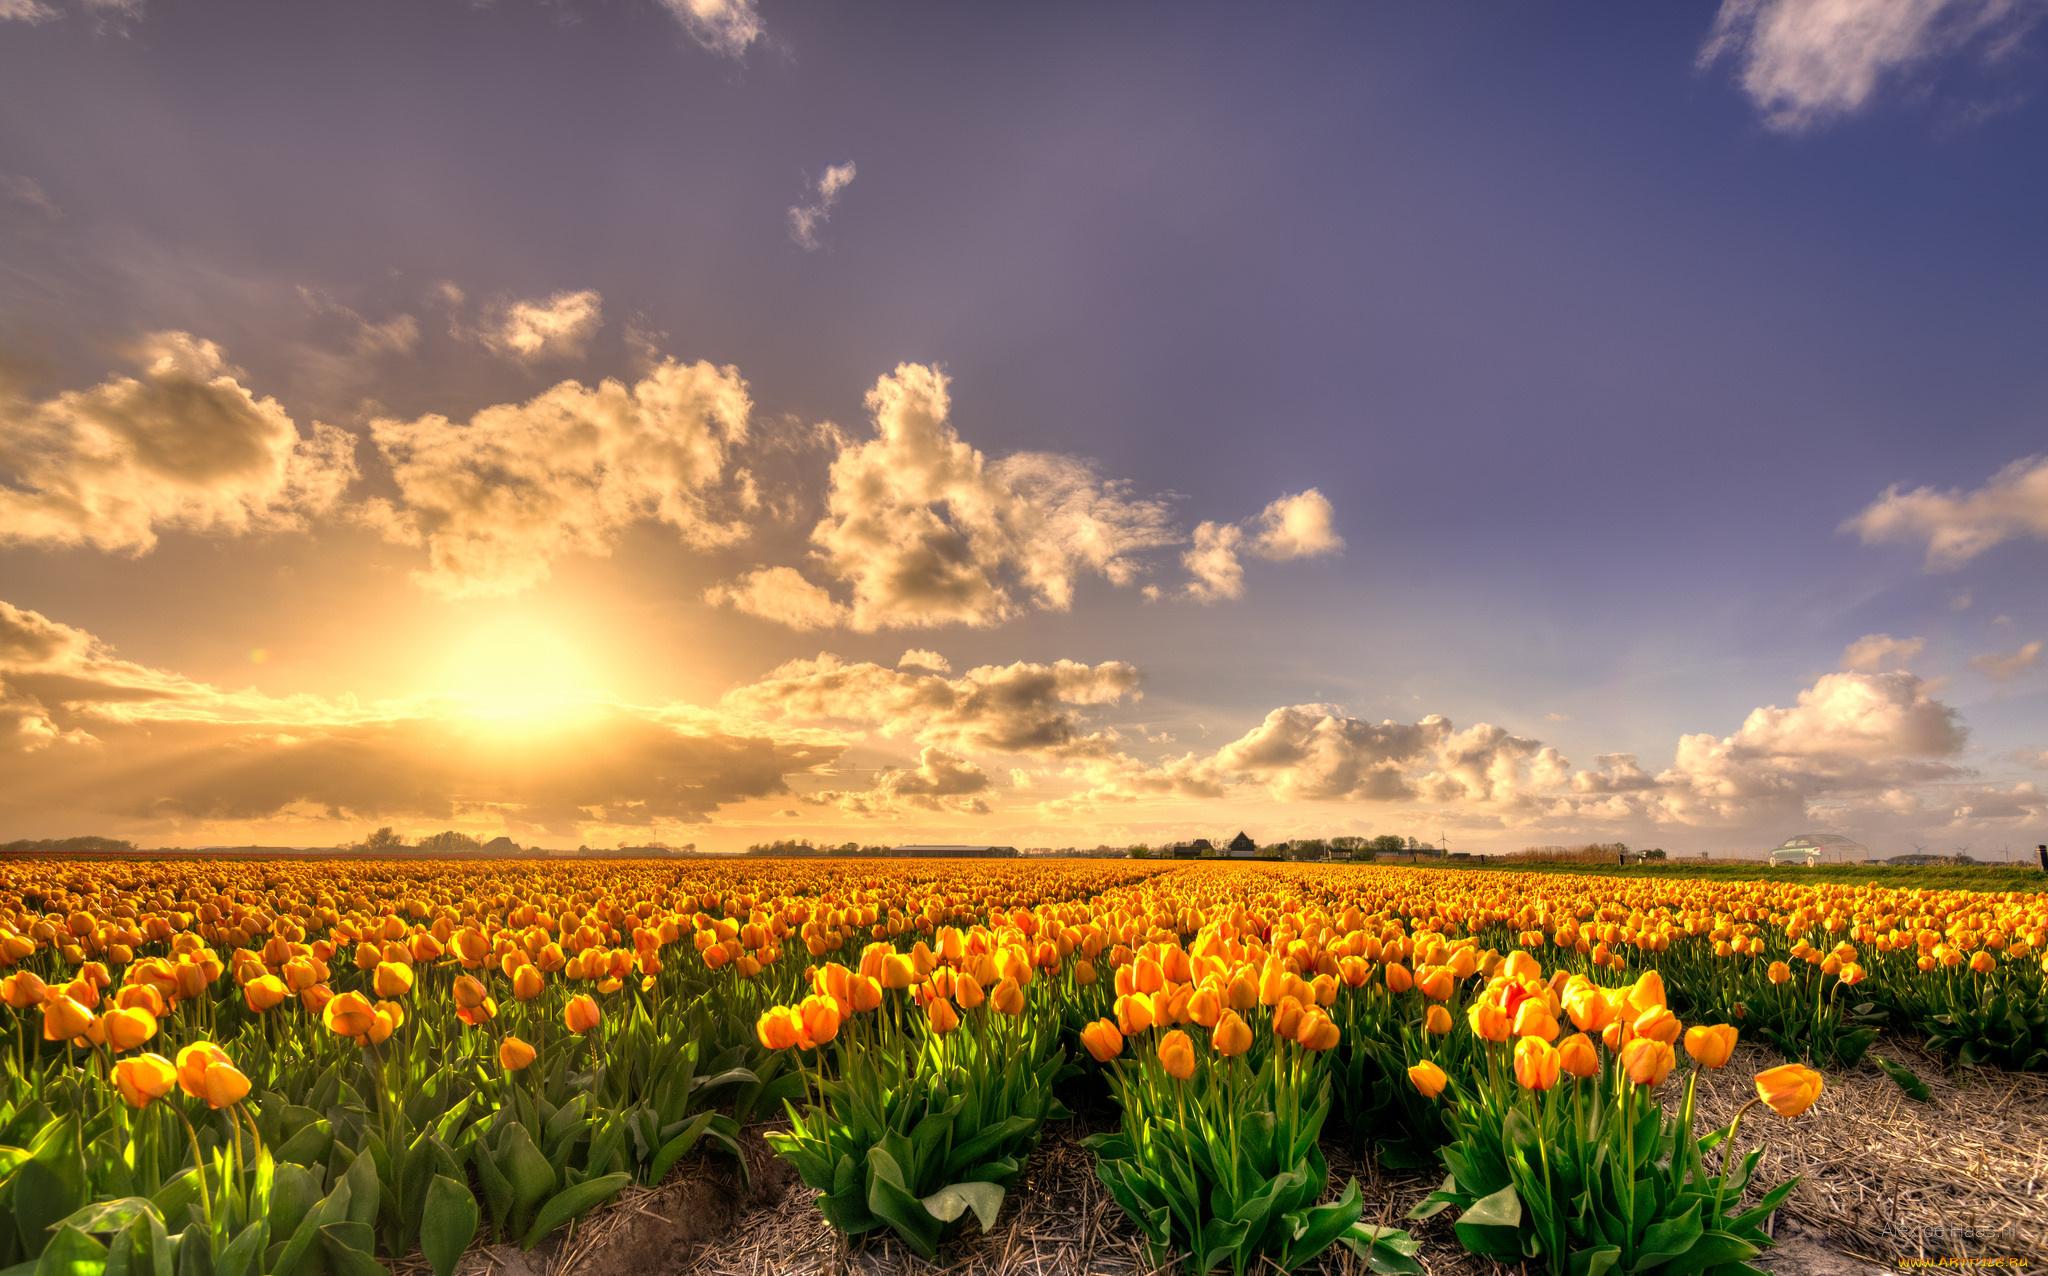 По соннику поле тюльпанов предрекает, что совсем скоро в вашей жизни произойдет событие, которое серьезно затронет ваши чувства.